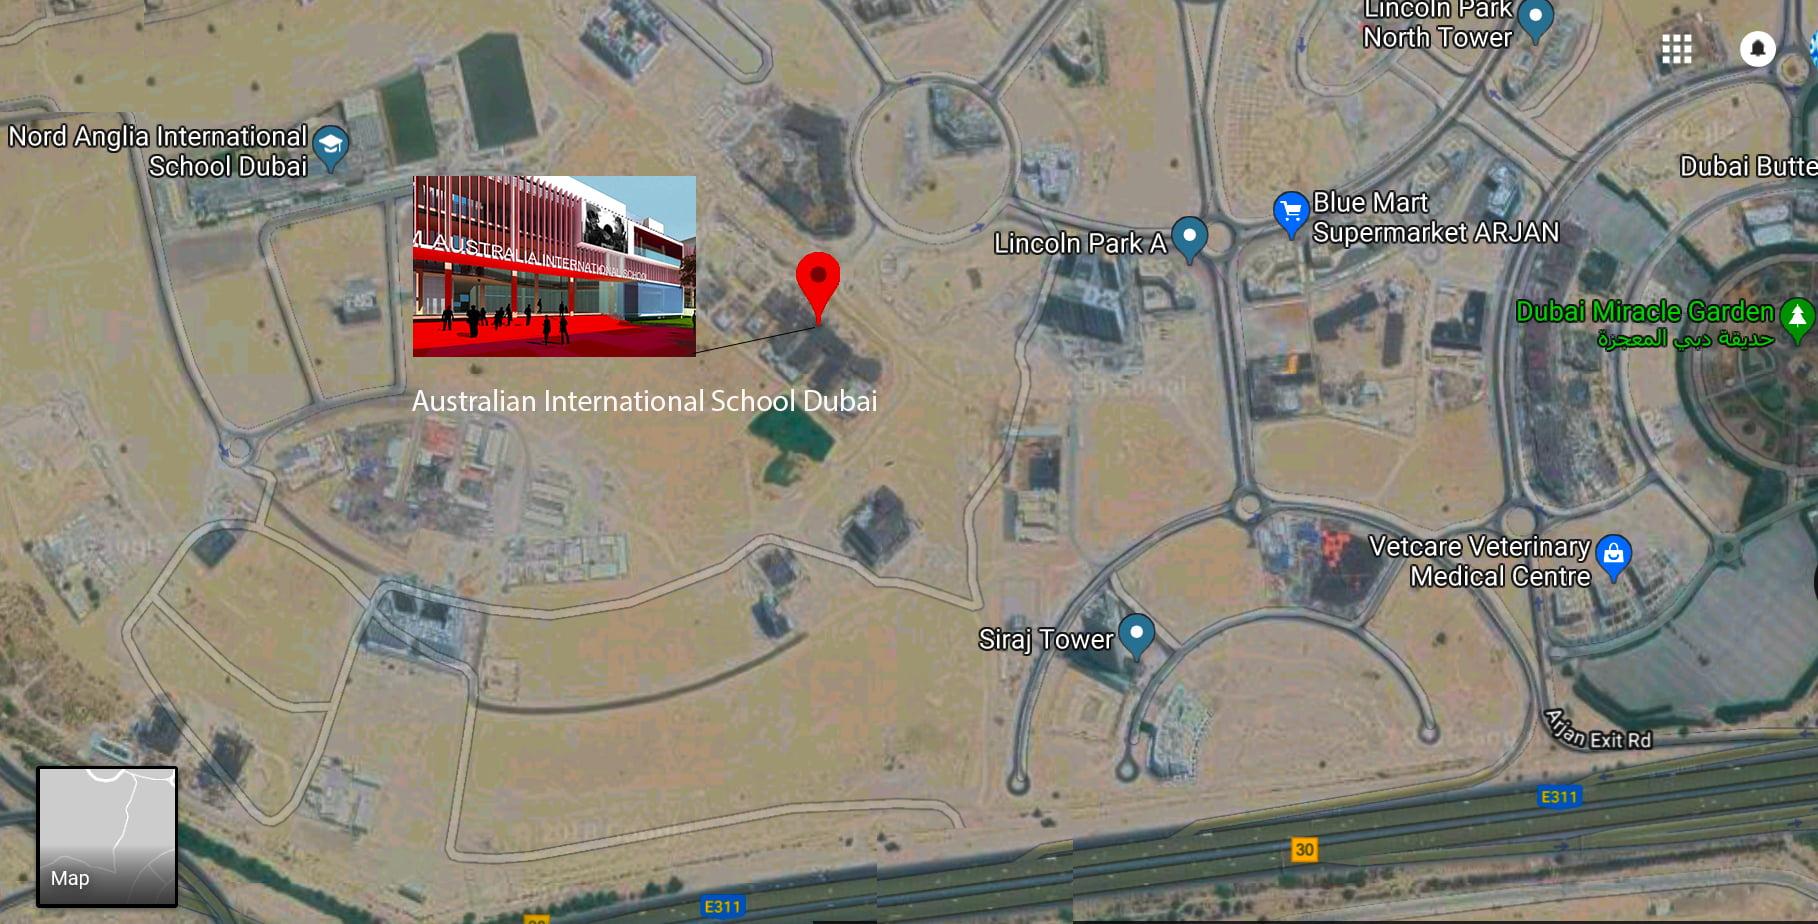 Ang imahe ng satellite na nagpapakita ng lokasyon ng site para sa pagbuo ng bagong Australain International School sa Al Barsha Dubai